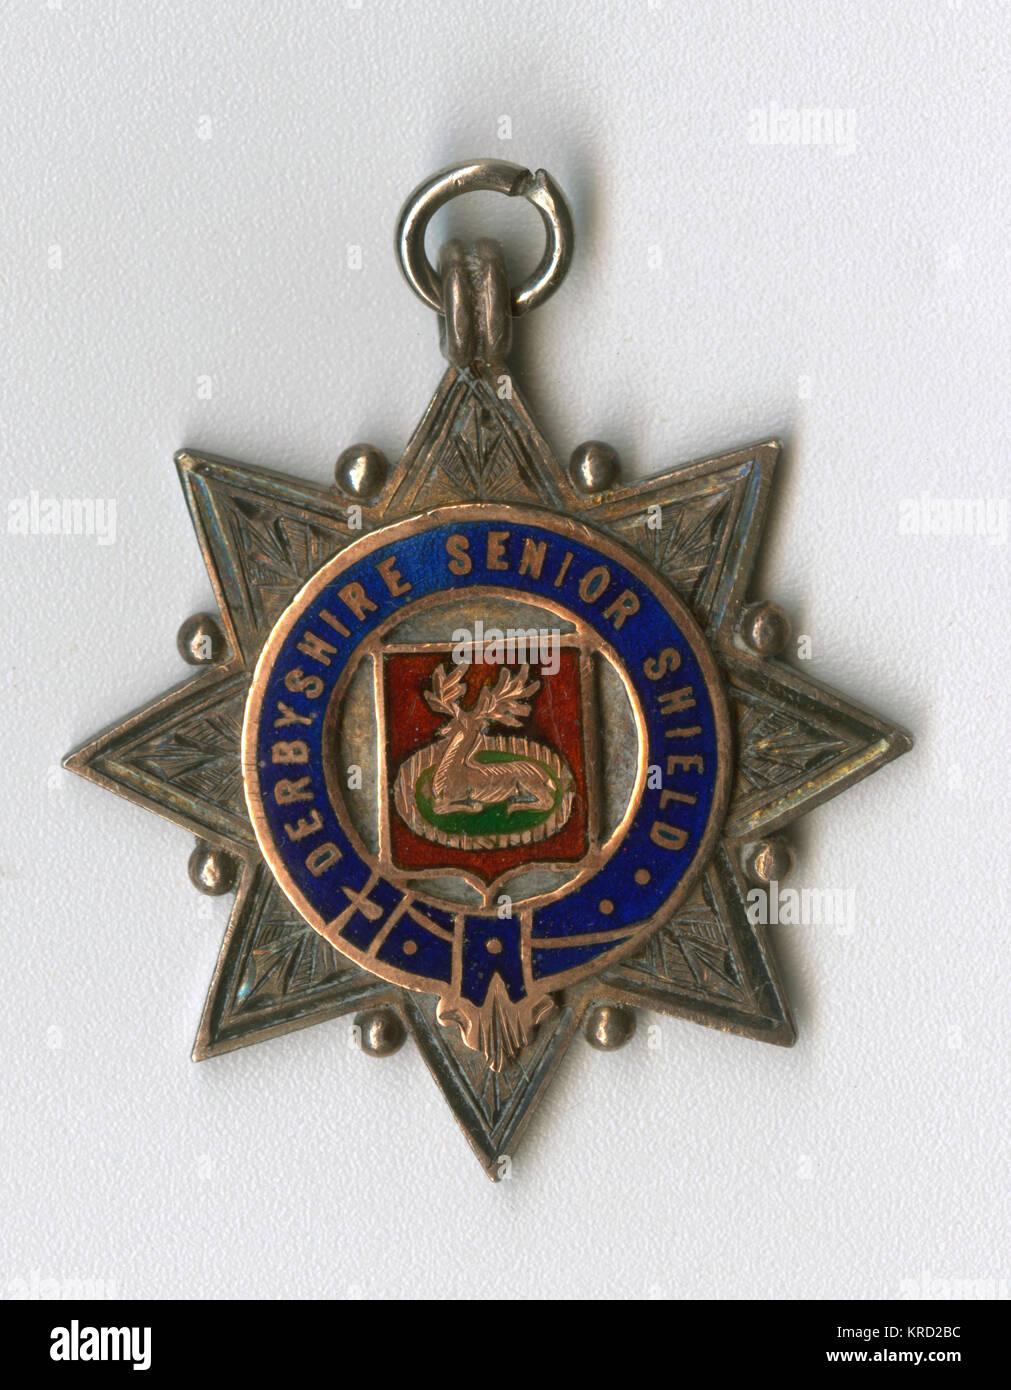 Deportes medalla del blindaje superior de Derbyshire, adjudicado a los finalistas en la temporada 1908-1909. Una Imagen De Stock